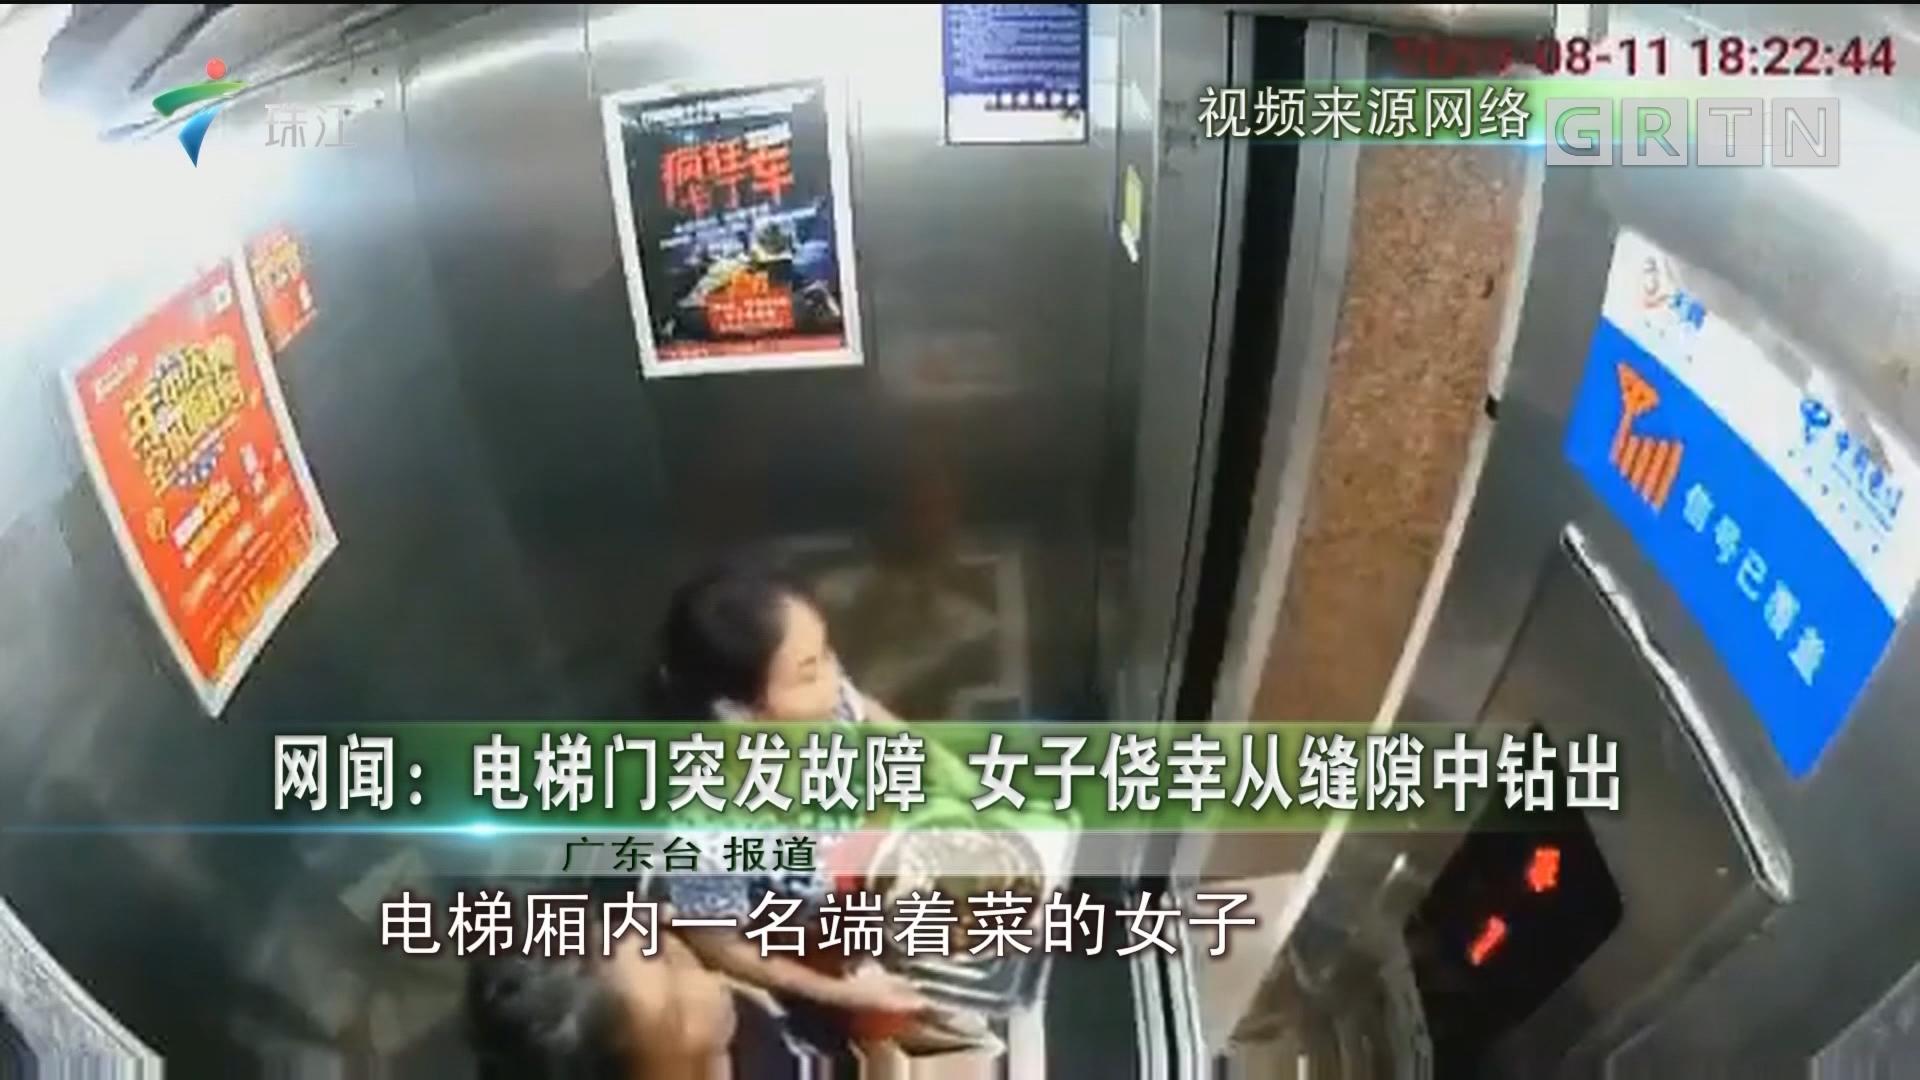 网闻:电梯门突发故障 女子侥幸从缝隙中钻出